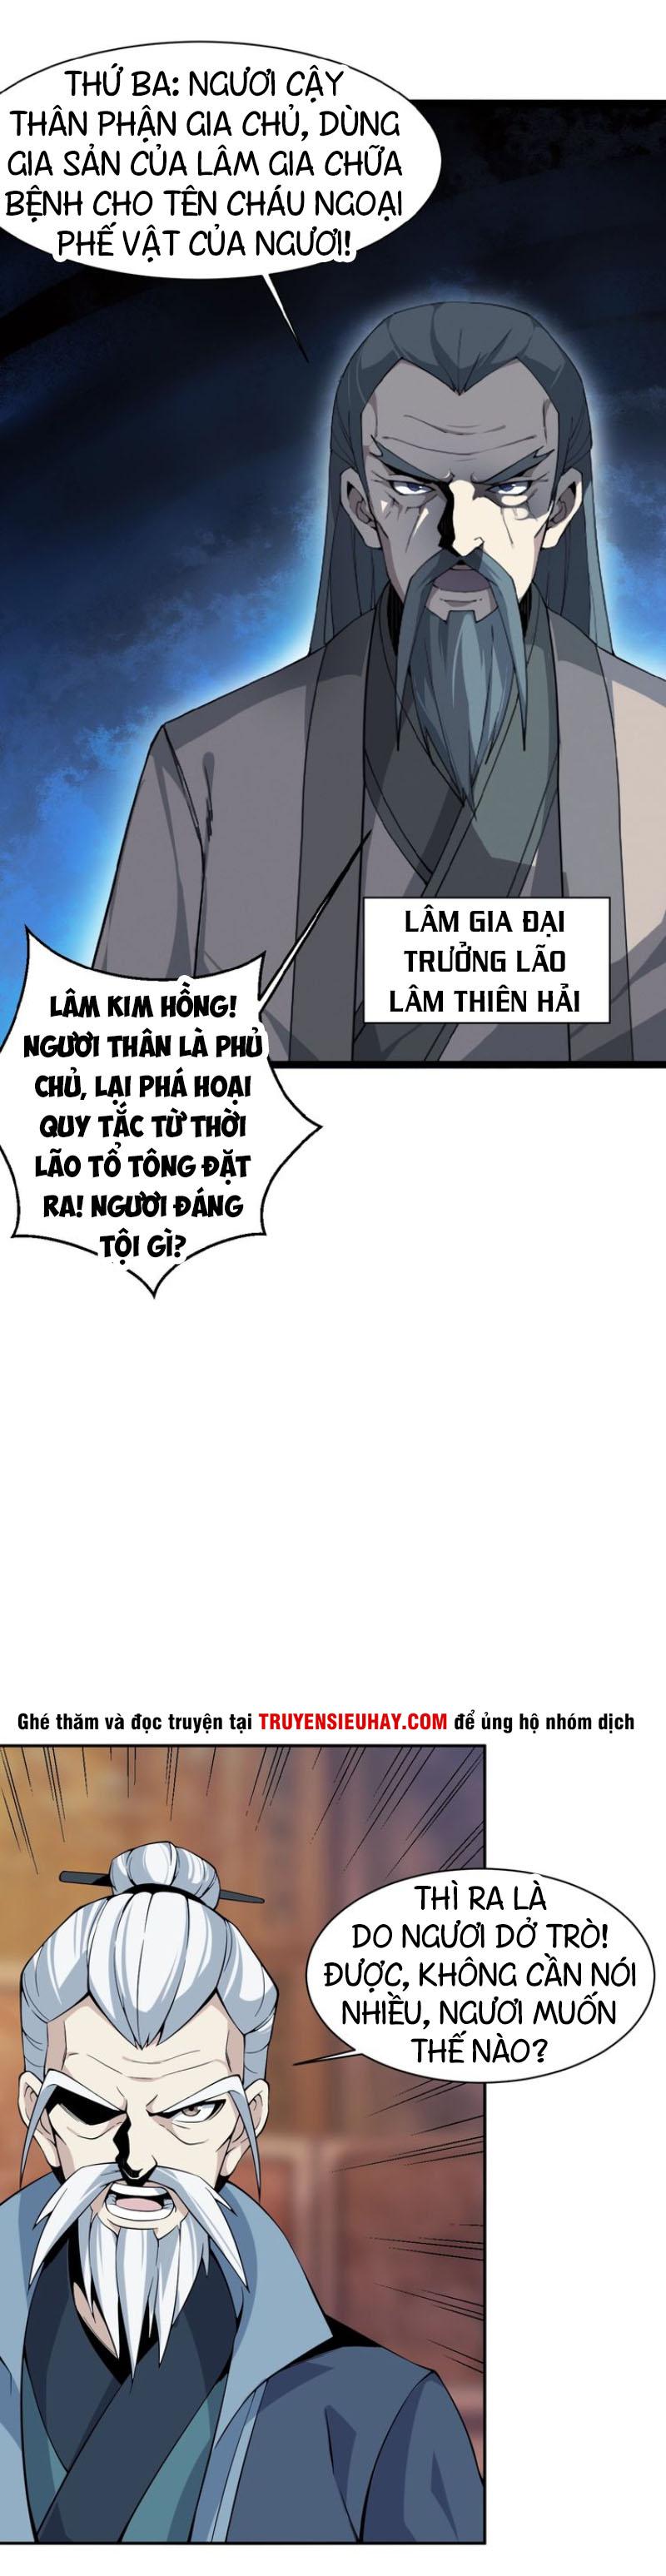 Thôn Phệ Một Thế Giới Tu Tiên: Chapter 4